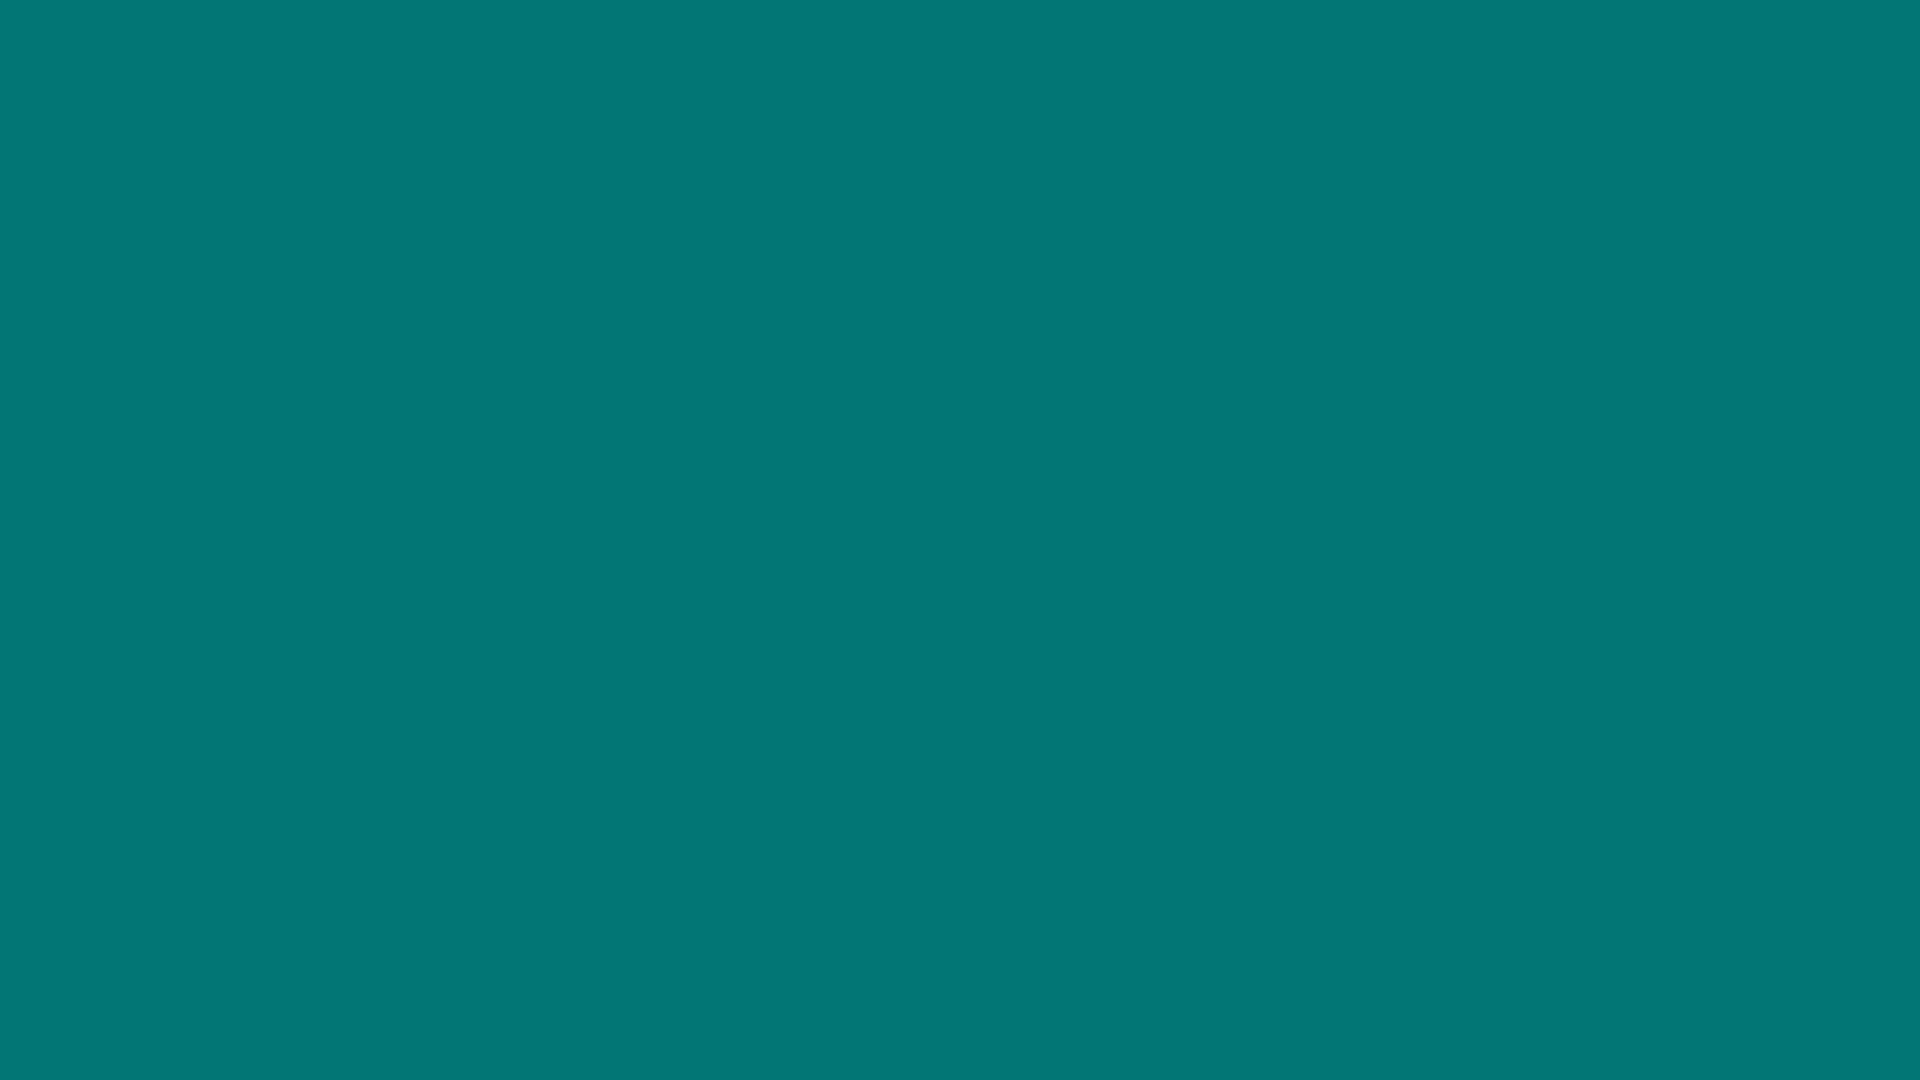 [2015년도 아시아연구소 브라운 백 세미나 2] 일제강점기 조선과 대만총독부 편찬 국어독본에 관한 일고찰